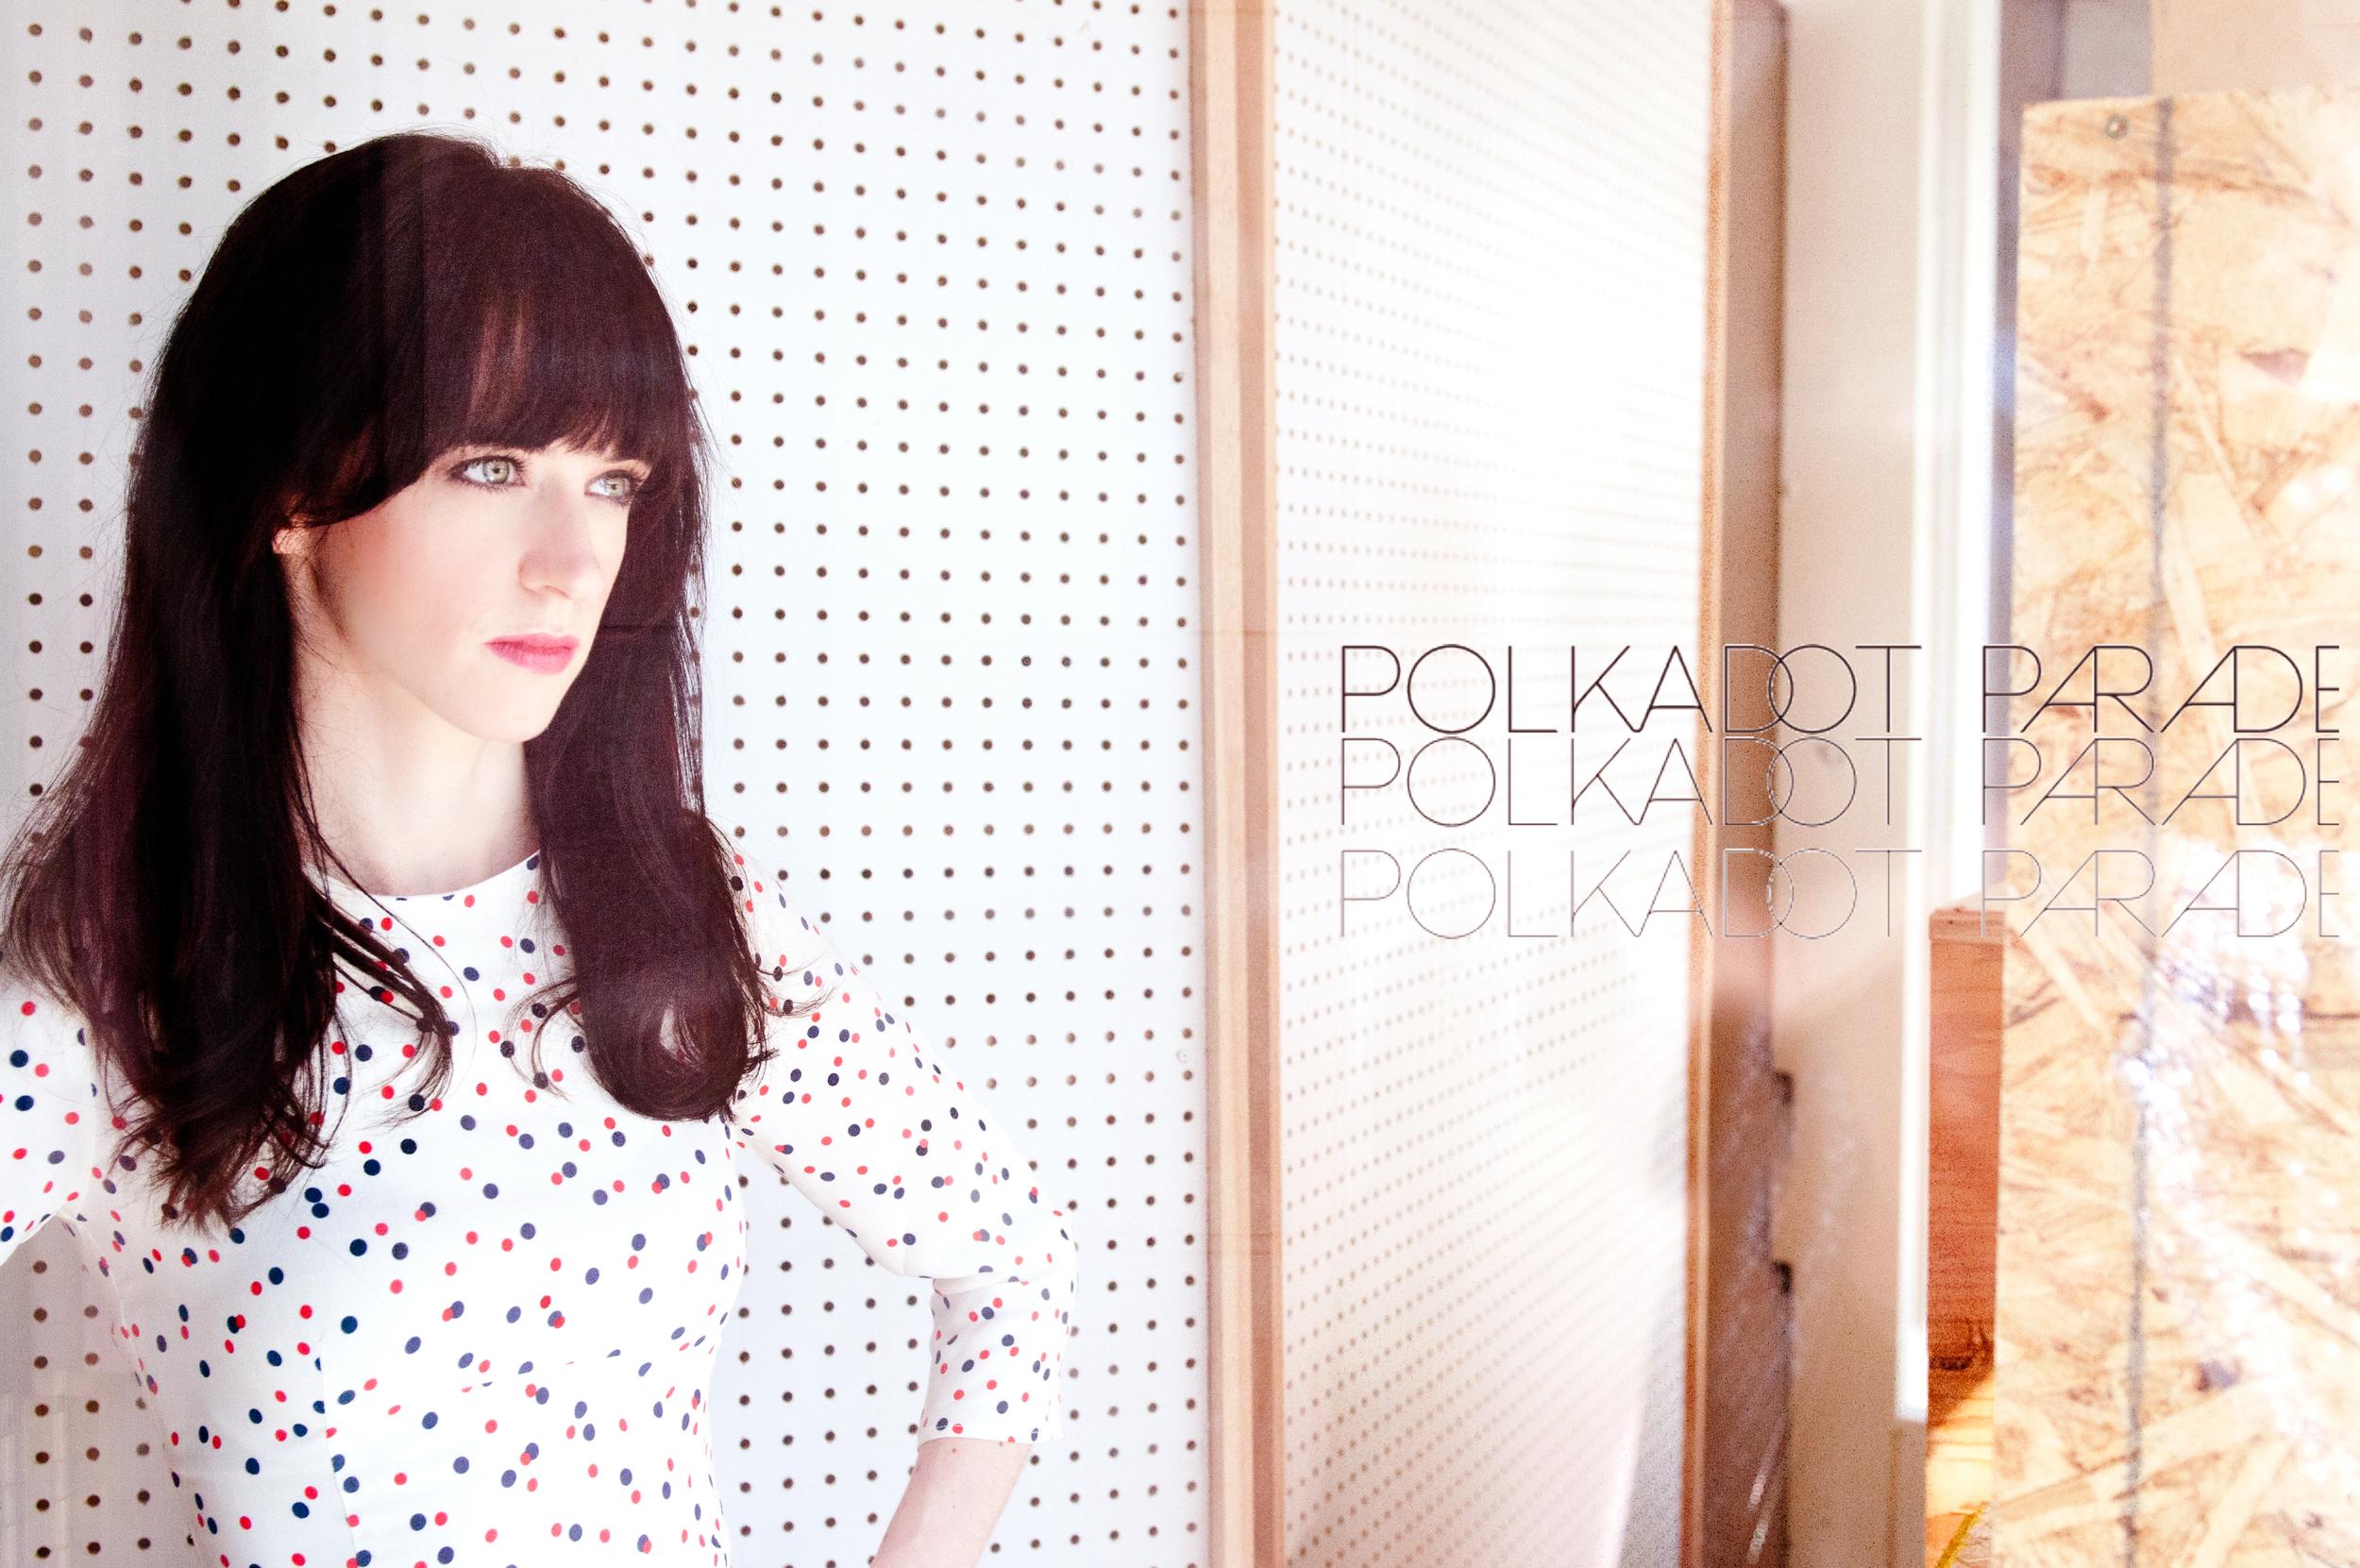 Polkadot Parade 2012 Main Page.jpg